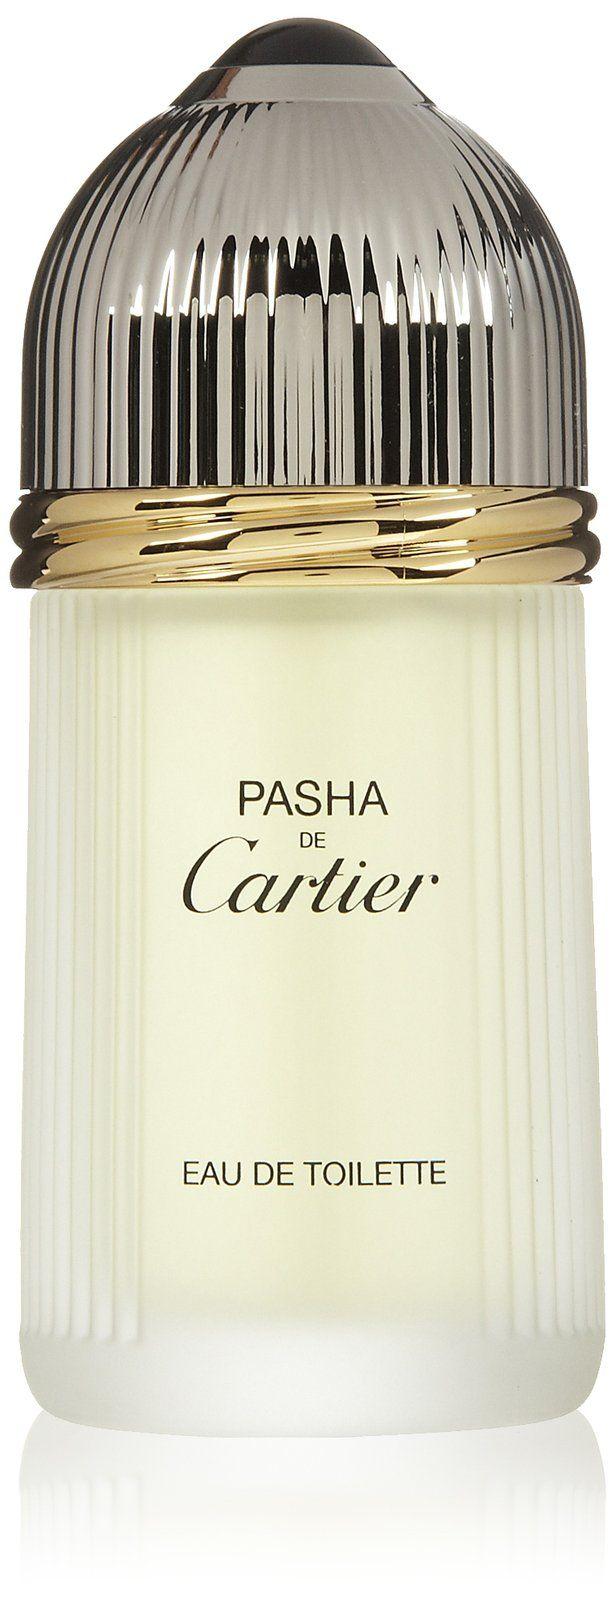 #Cartier Men's Pasha de Cartier Eau de Toilette